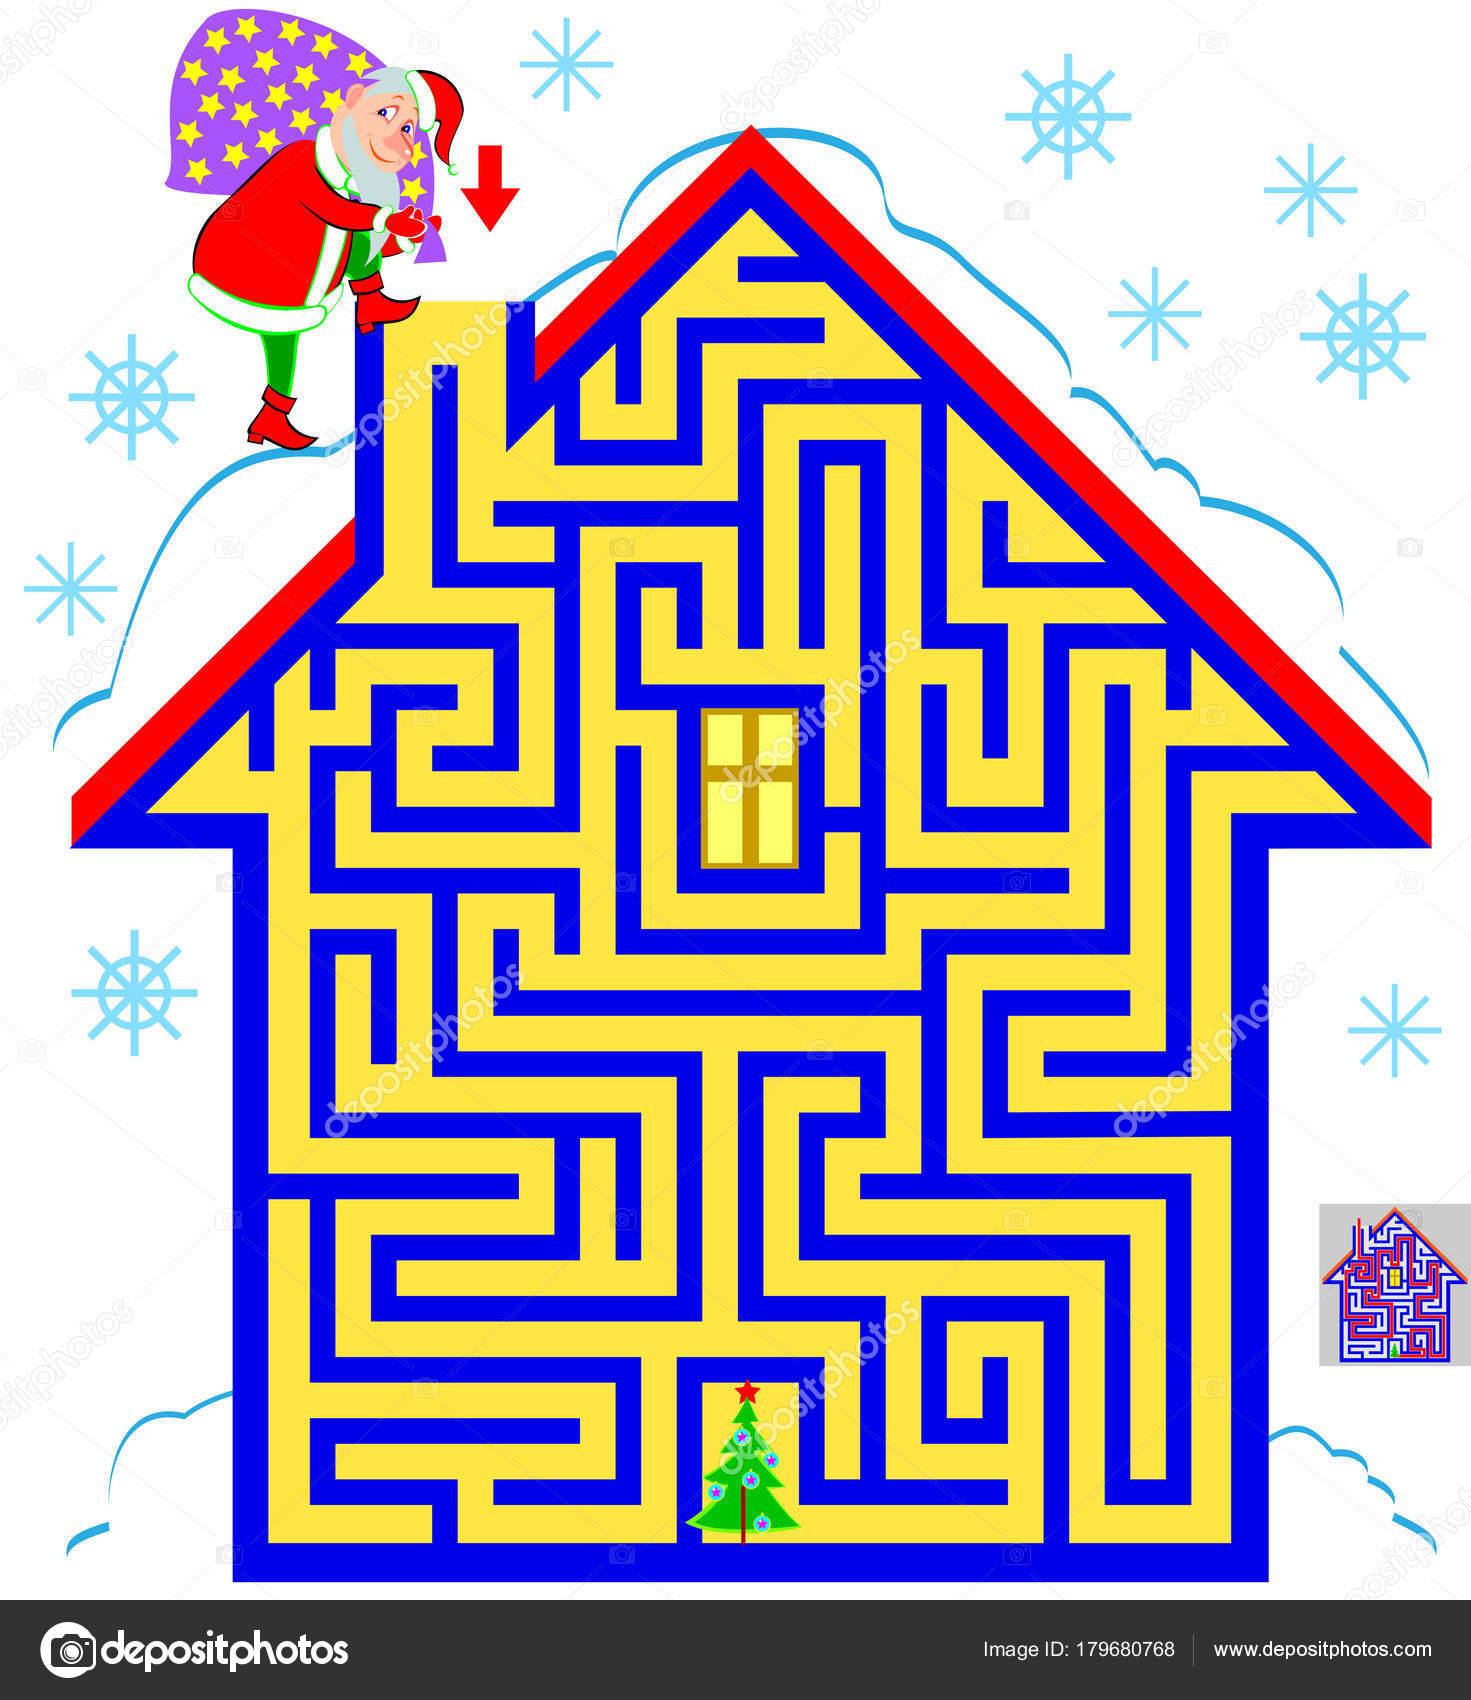 Logikai Puzzle Játék Labirintus Kicsiknek Nagyoknak Egyaránt Segítsen  Megtalálni Utat — Stock Vector f5bf40b861